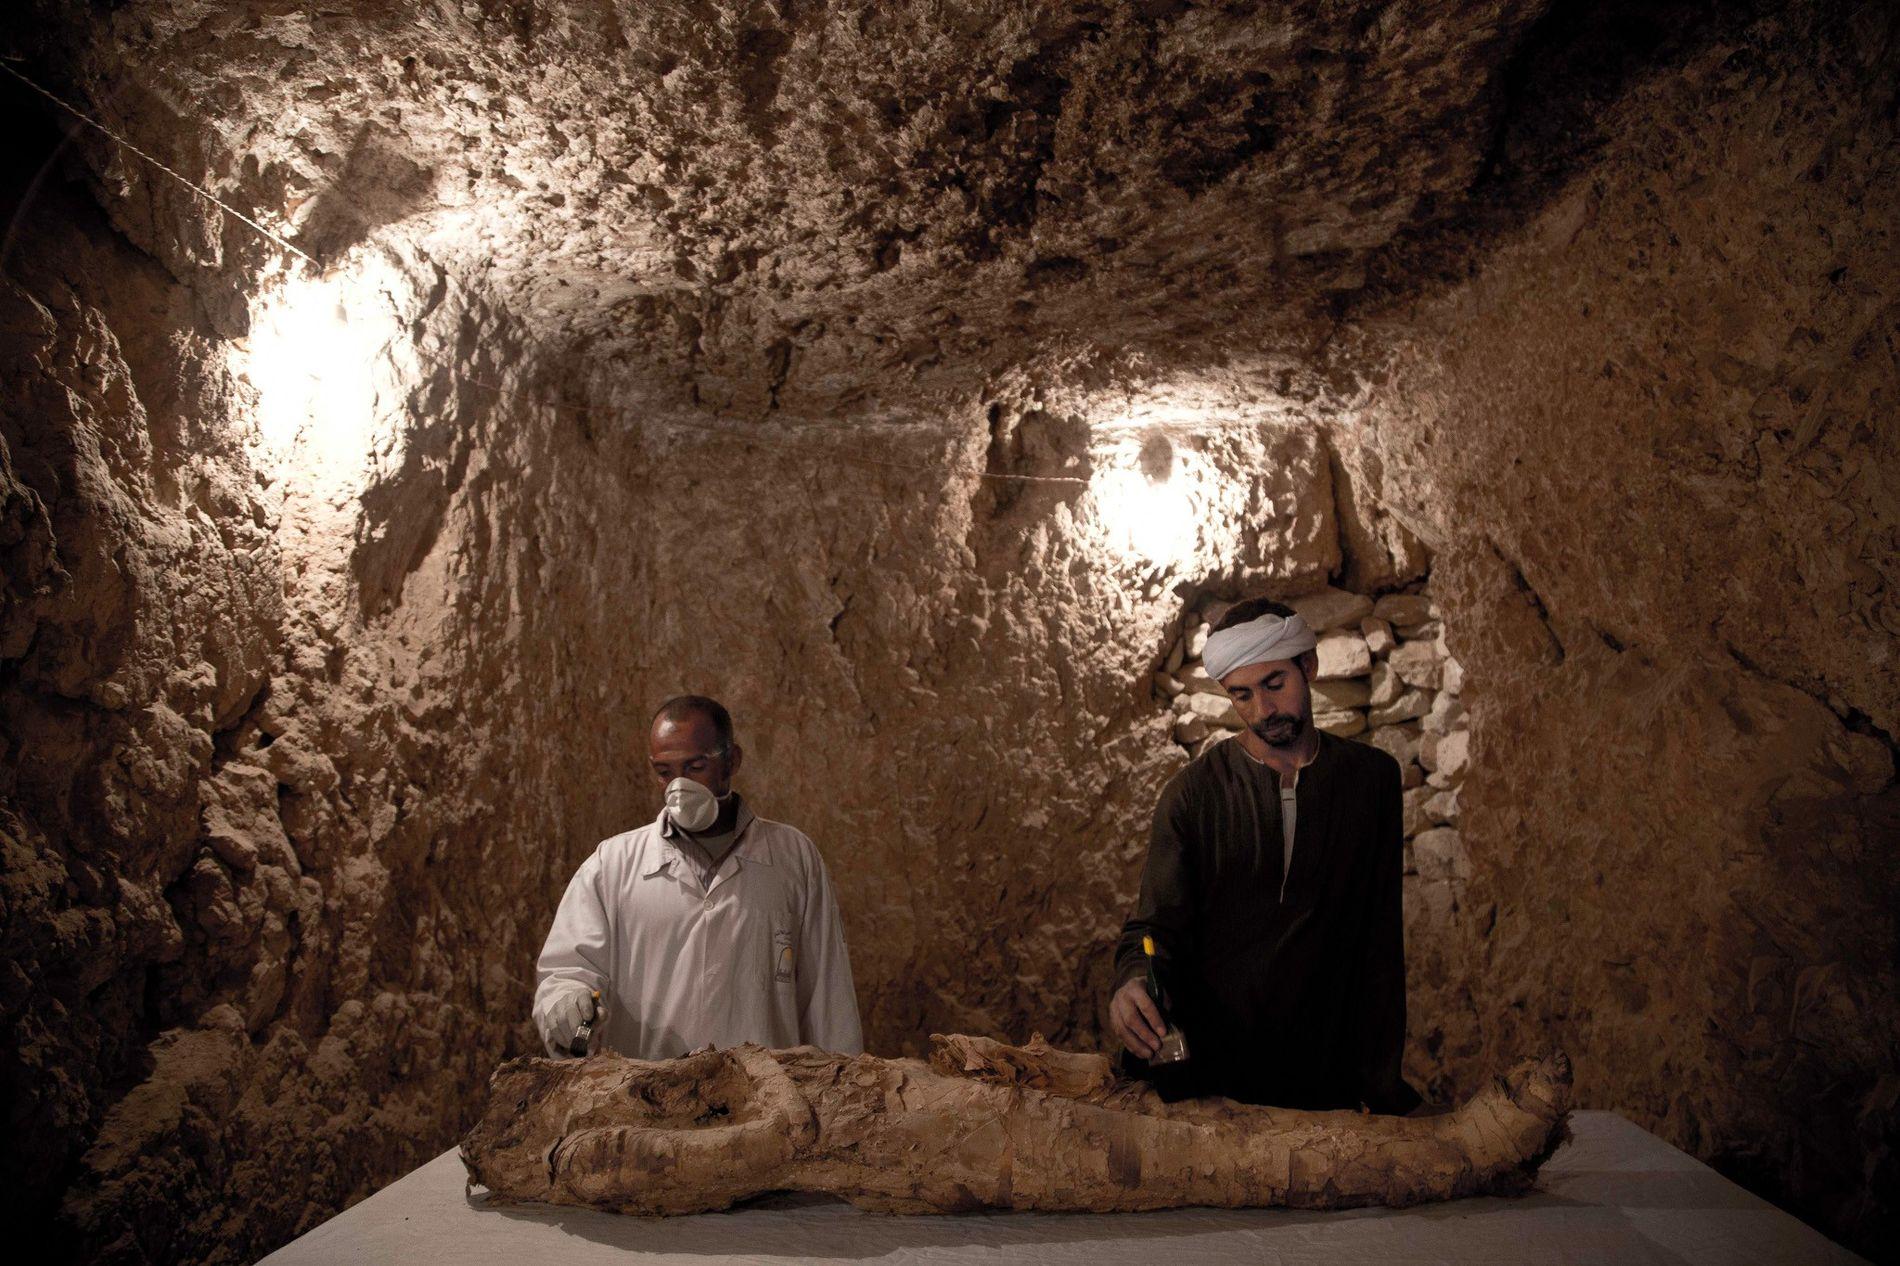 Múmia no Egito